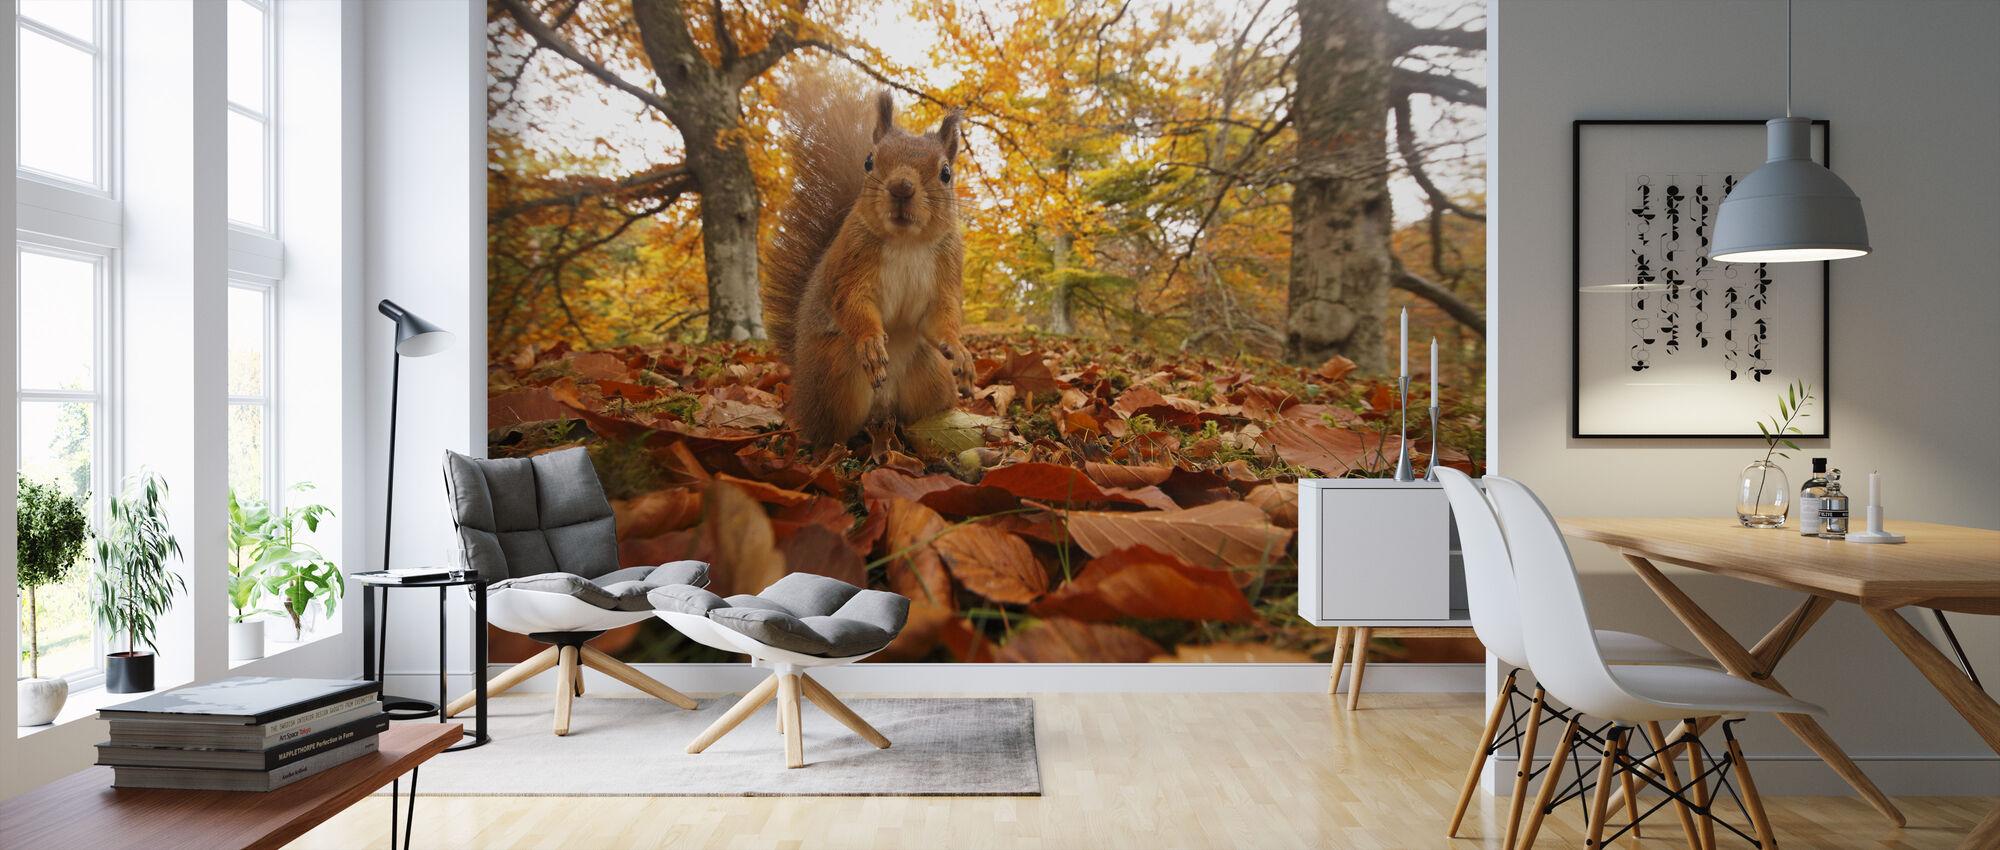 Puna-orava Lehtipentueessa - Tapetti - Olohuone